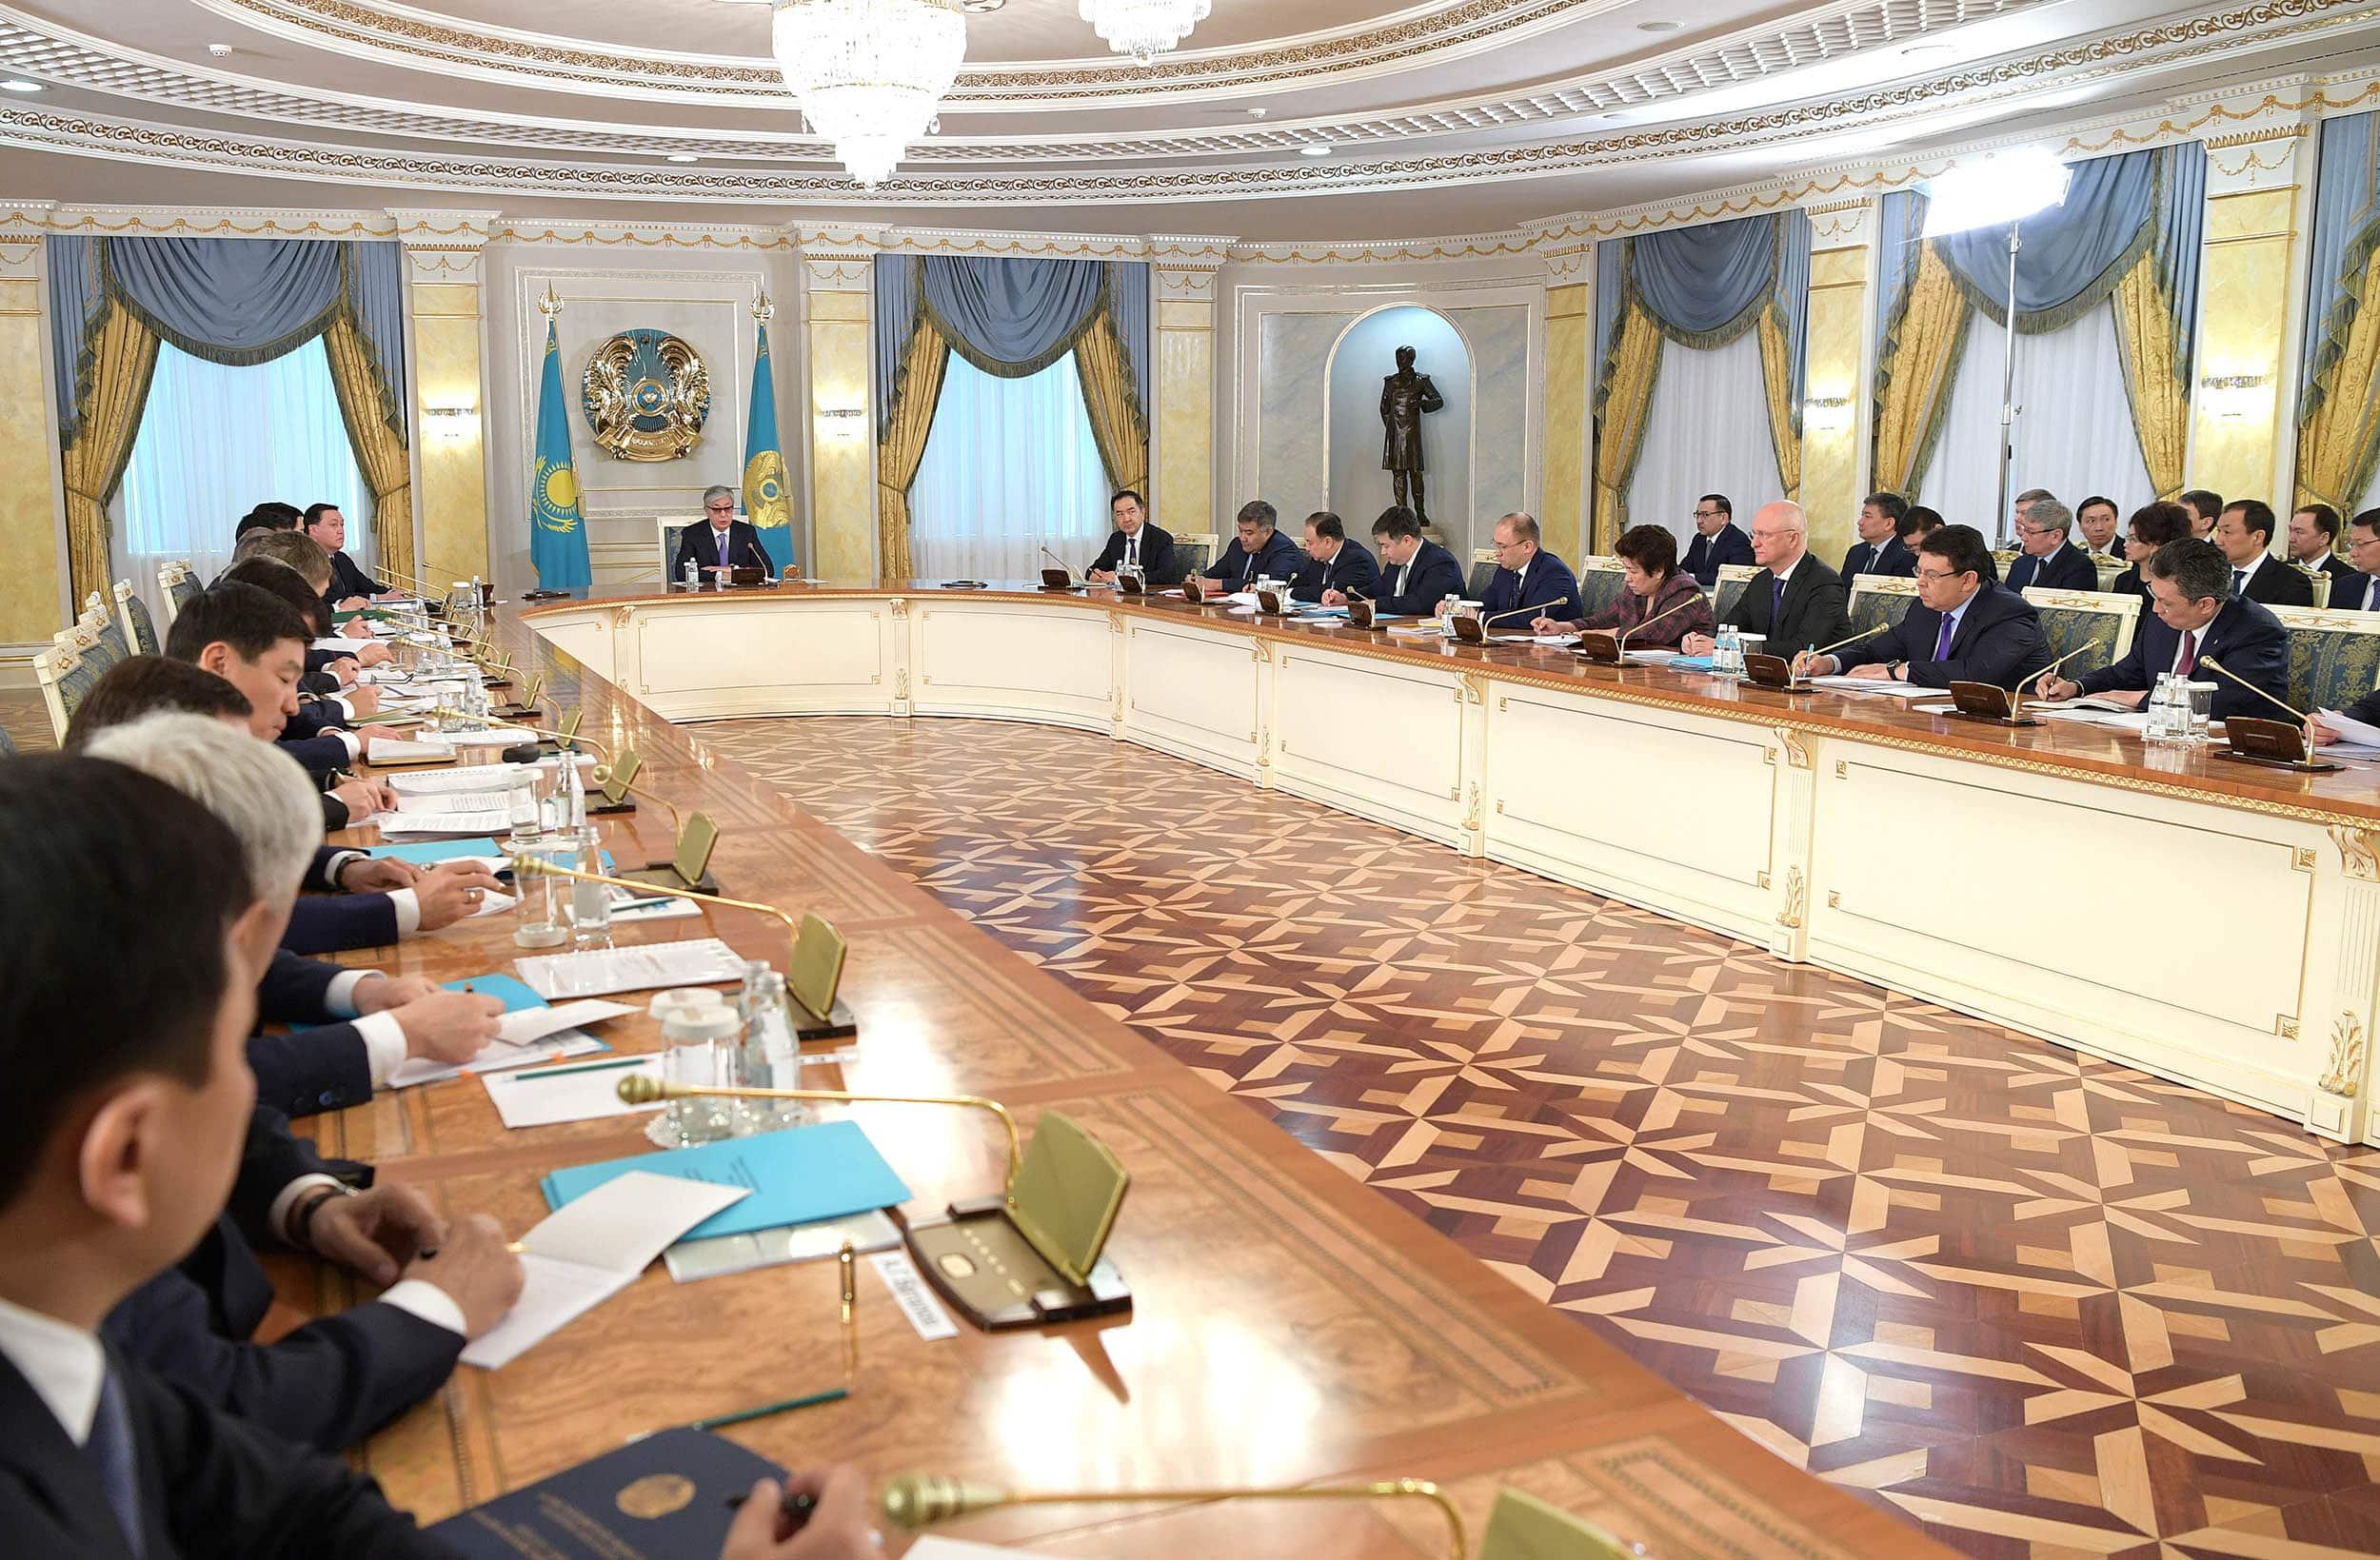 Қасым-Жомарт Тоқаевтың төрағалығымен өткен кеңес